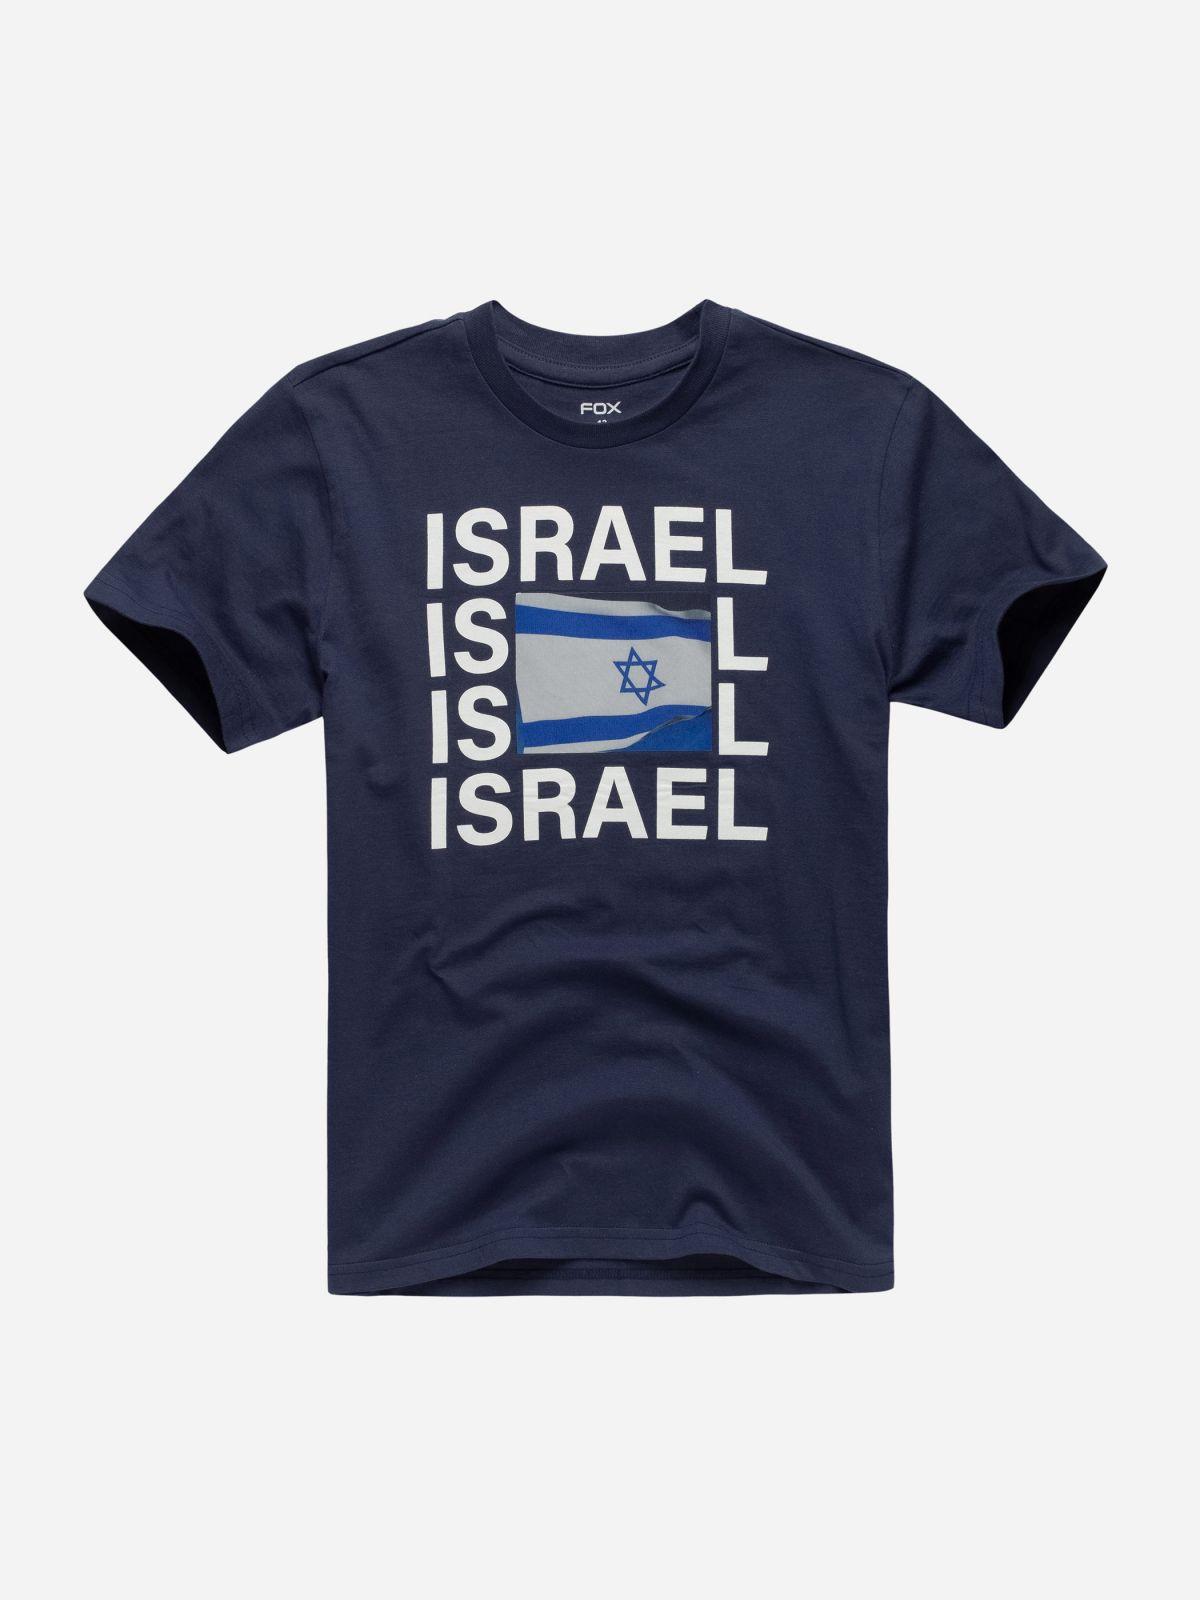 טי שירט עם הדפס Israel / בניםטי שירט עם הדפס Israel / בנים של FOX